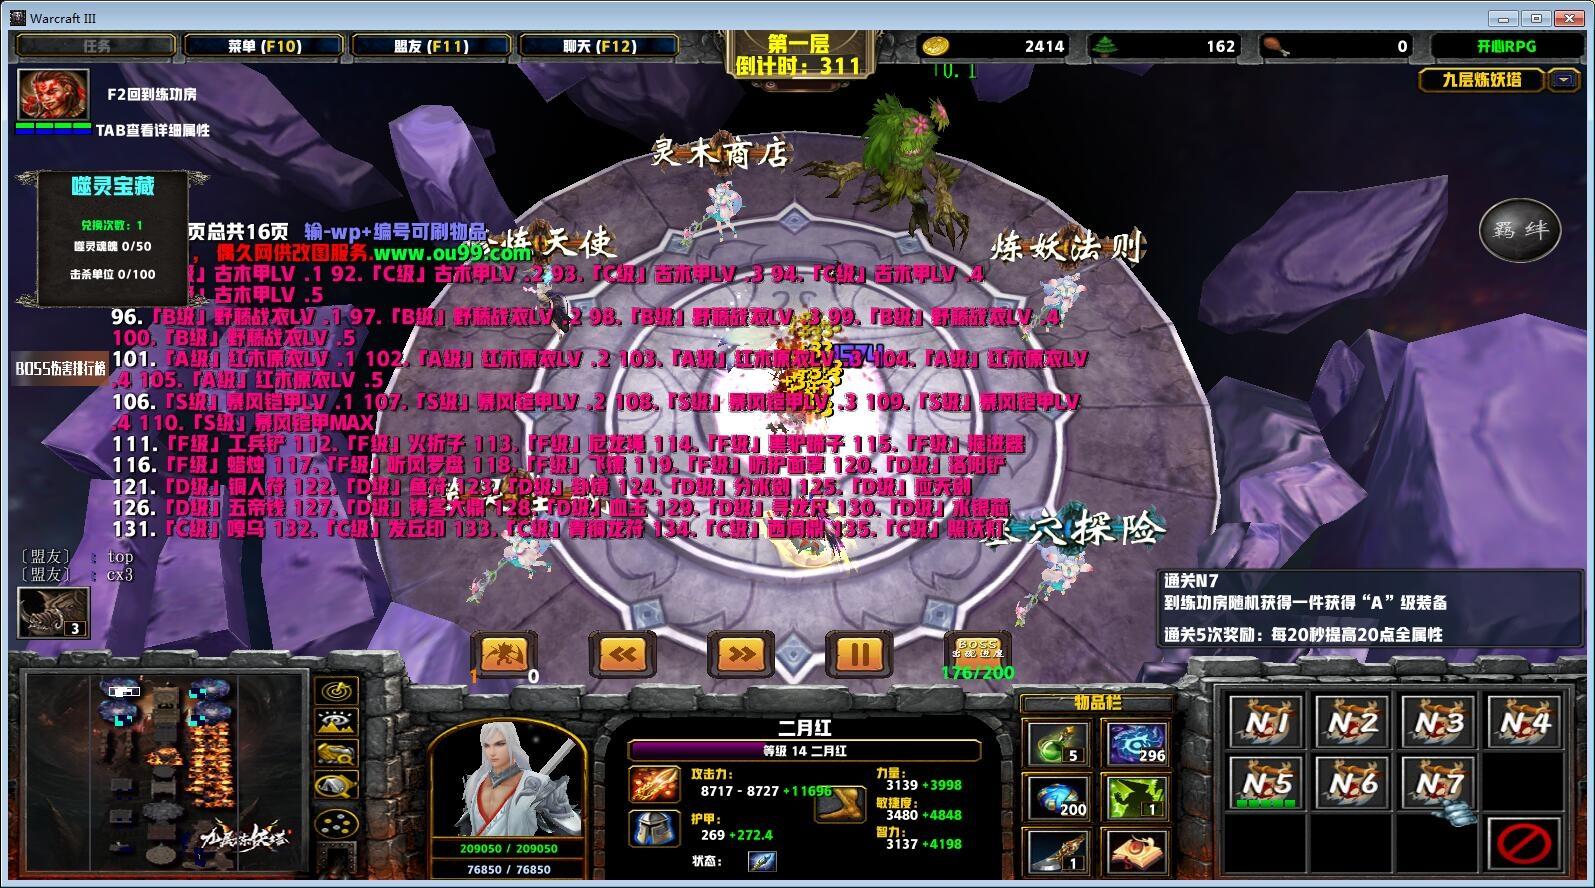 九层炼妖塔1.0.22TOP破解 解锁全英雄+全商城特权+存档通关道具+天道风神剑+刷物品无CD